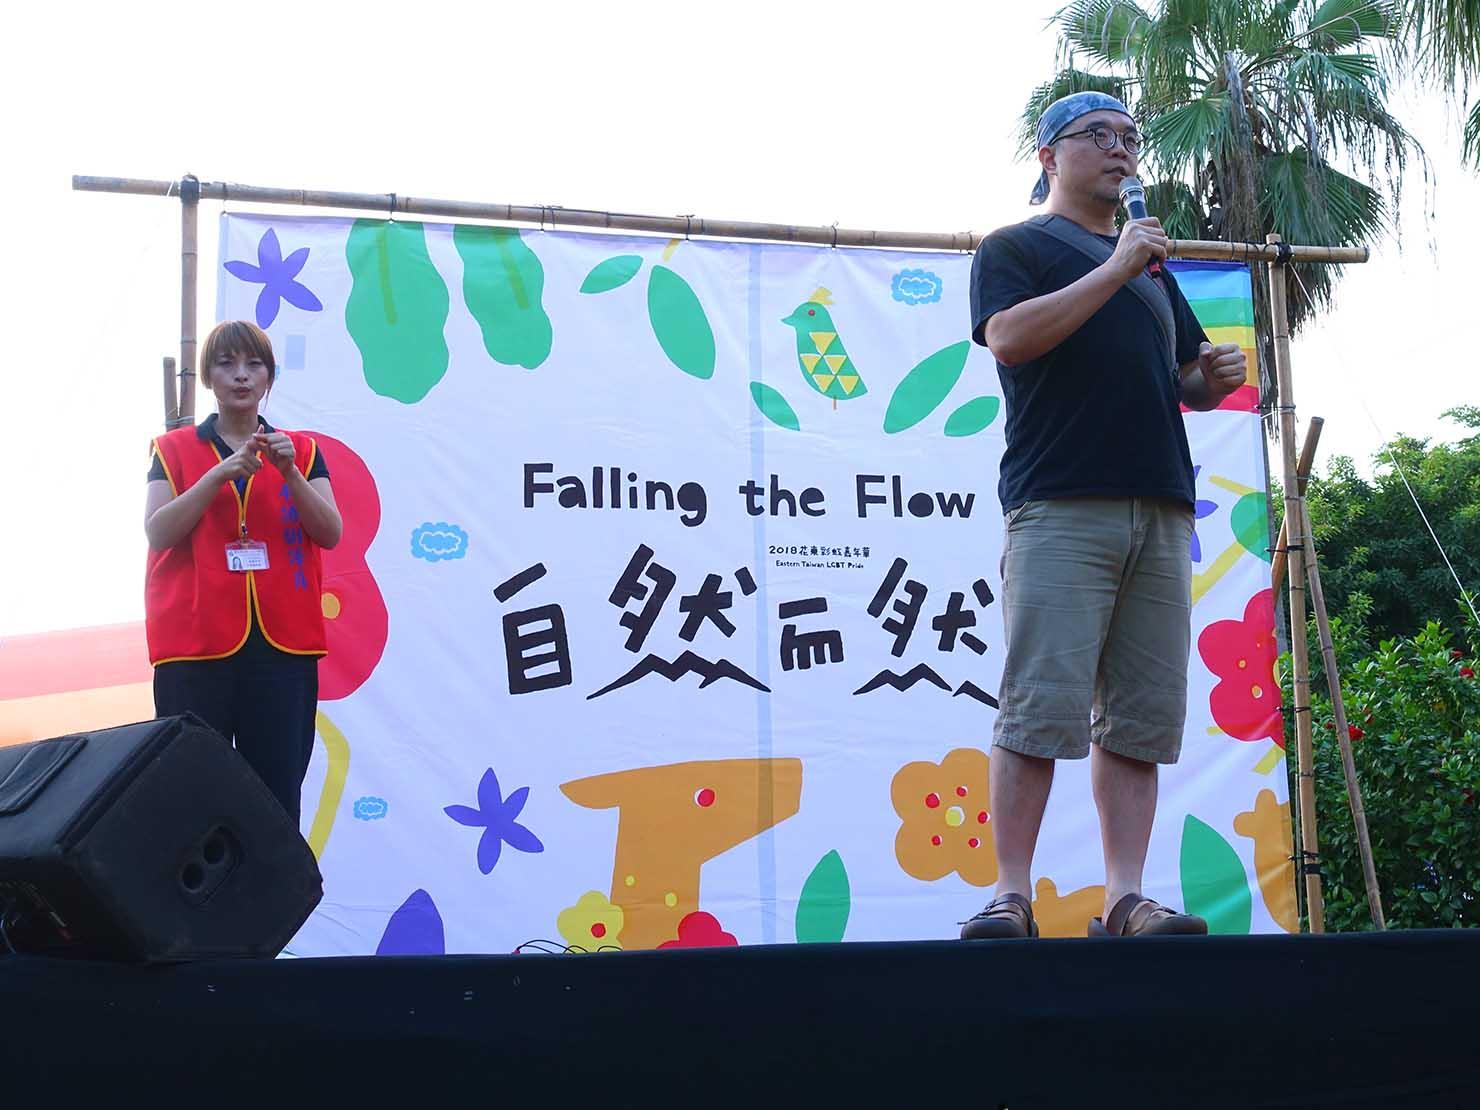 花東彩虹嘉年華(台湾東部LGBTプライド / 台東場)のメインステージでスピーチする公民科の先生